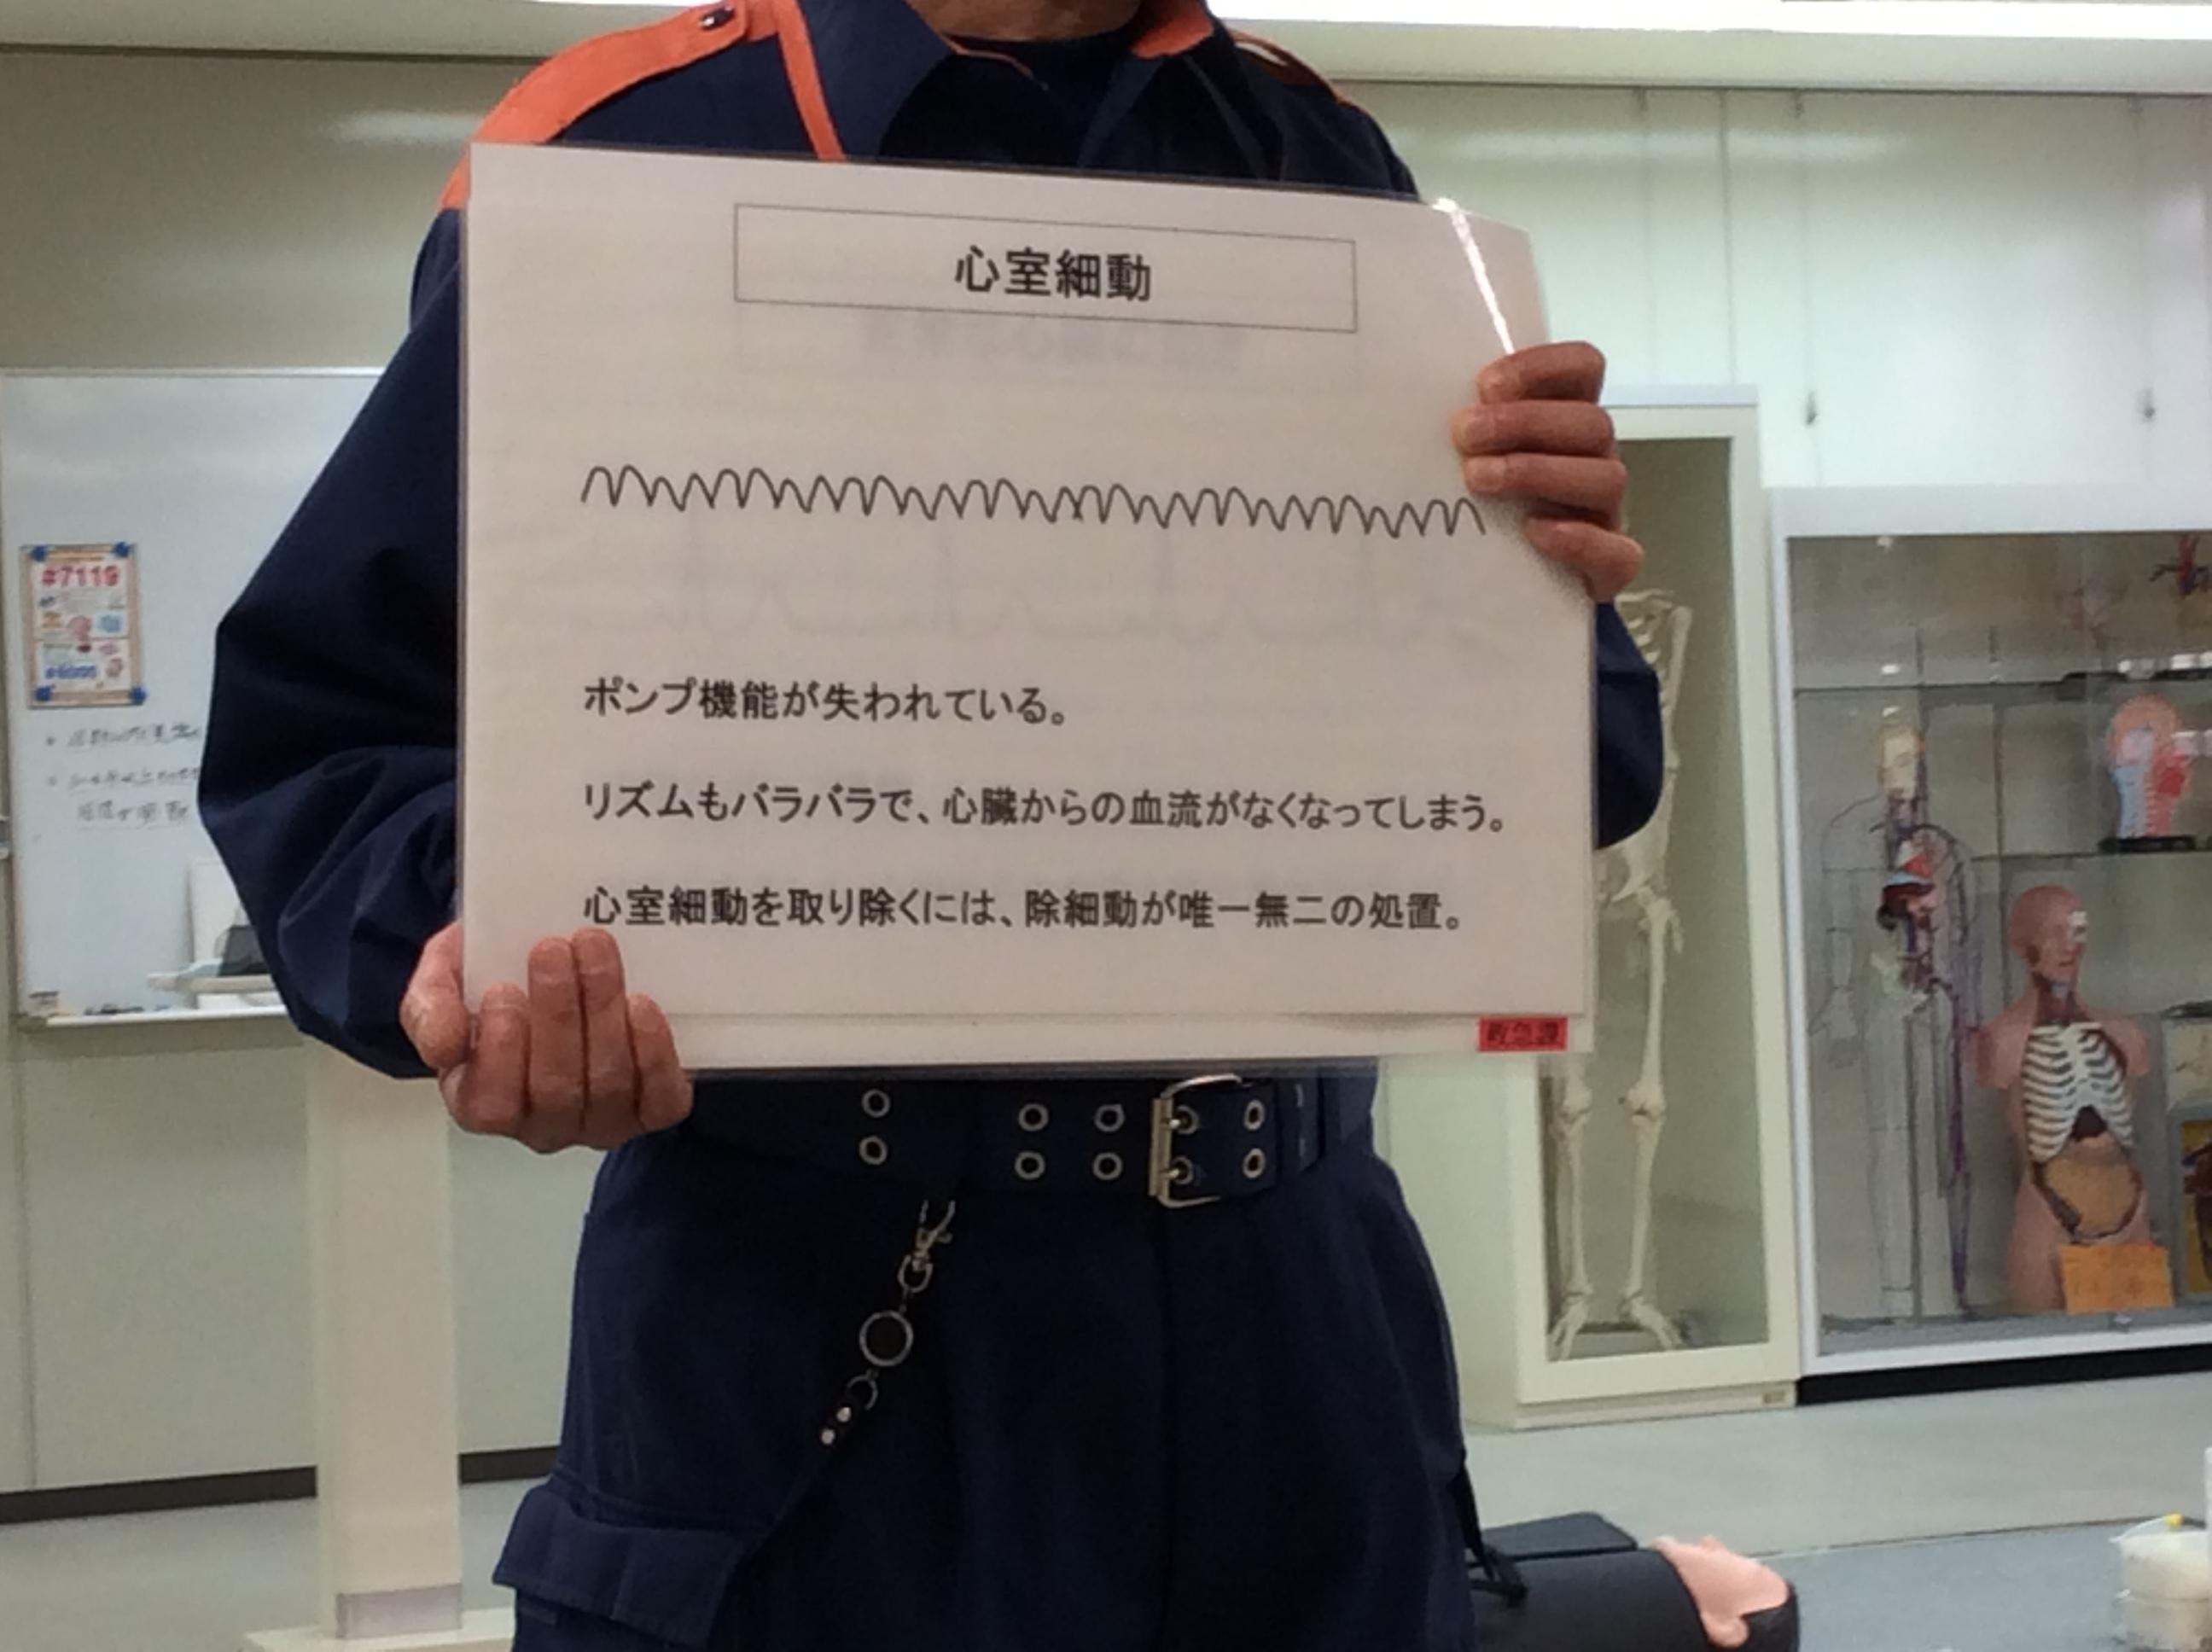 File_000.jpeg